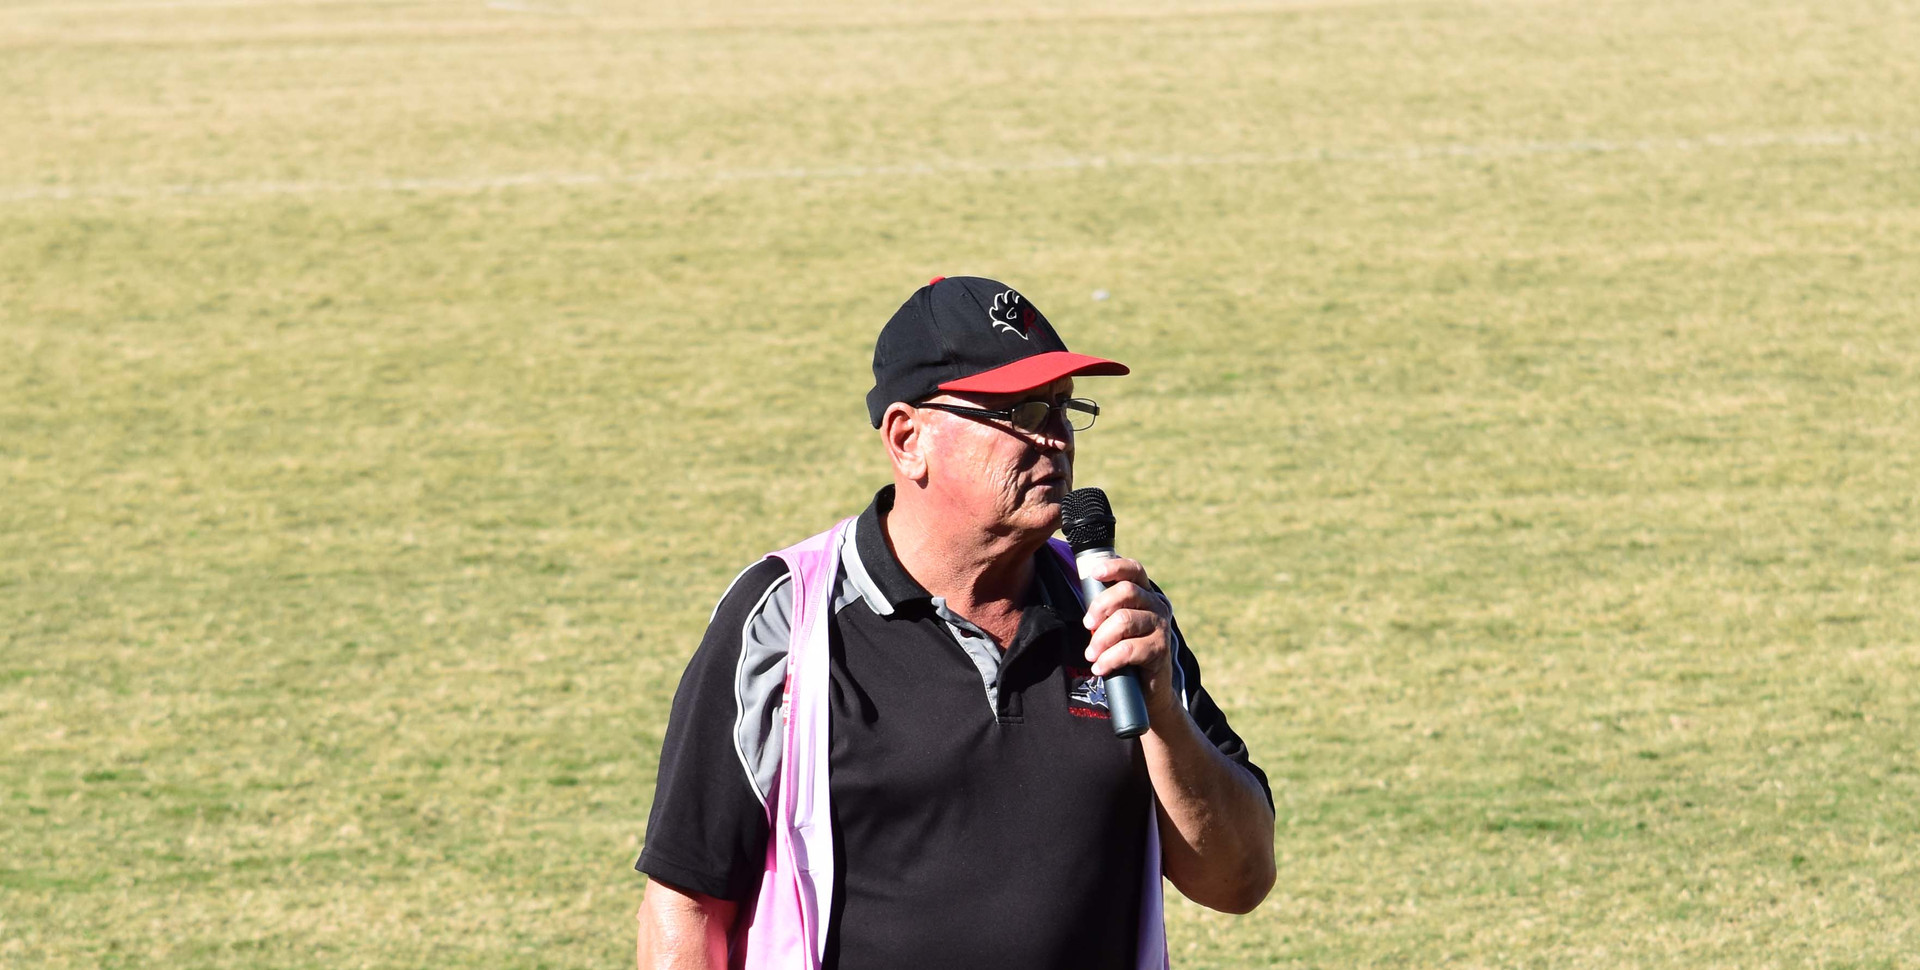 Sean Webb @ Dean Webb Cup